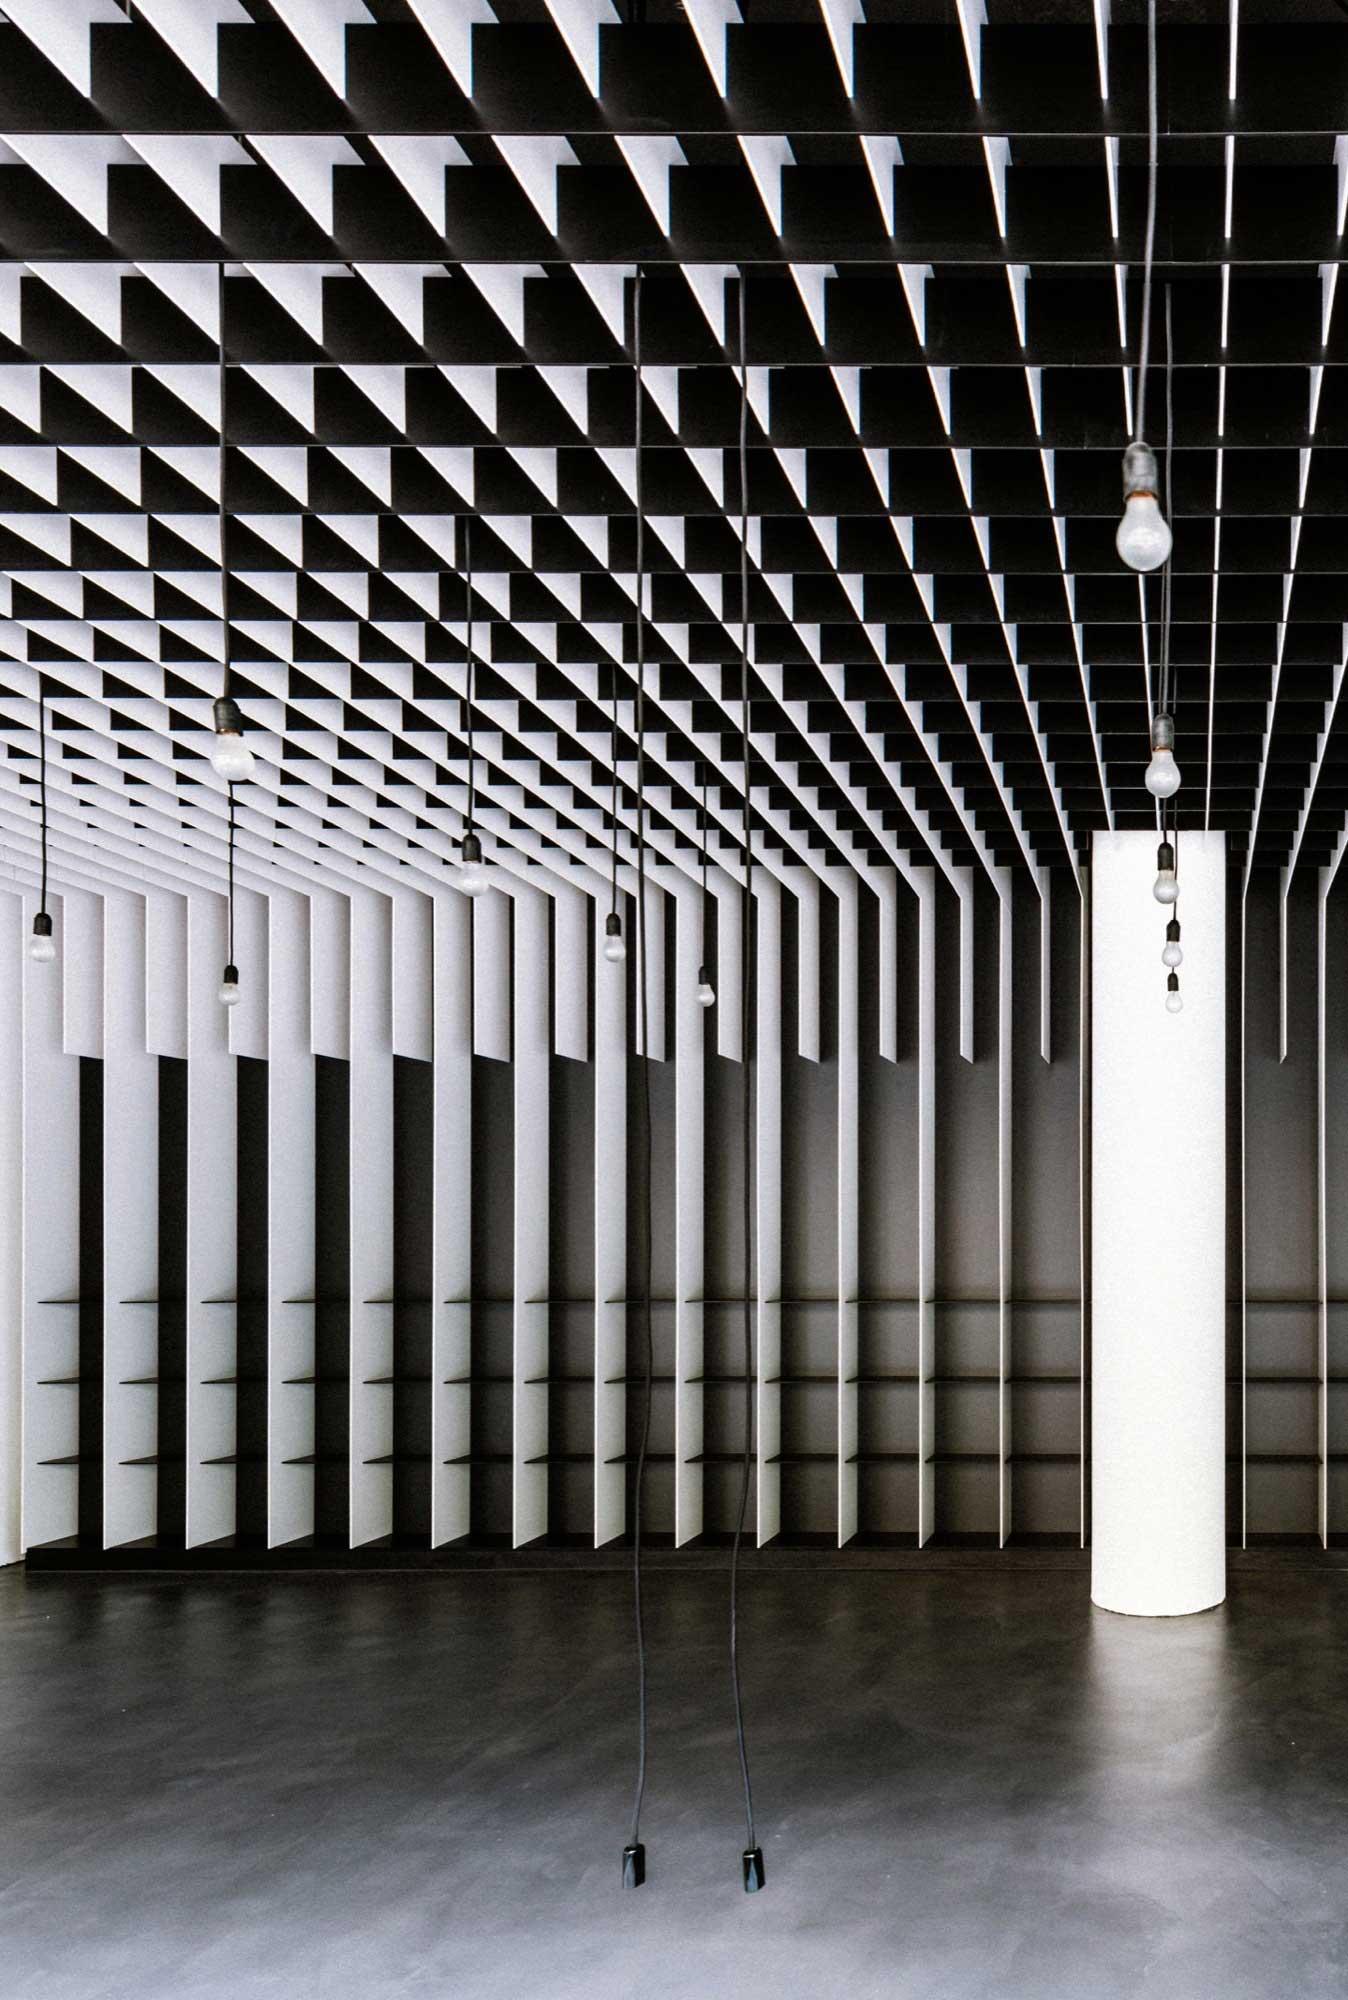 Peluqueria Talstrasse Zurich by Wulser Bechtel Architekten | Yellowtrace